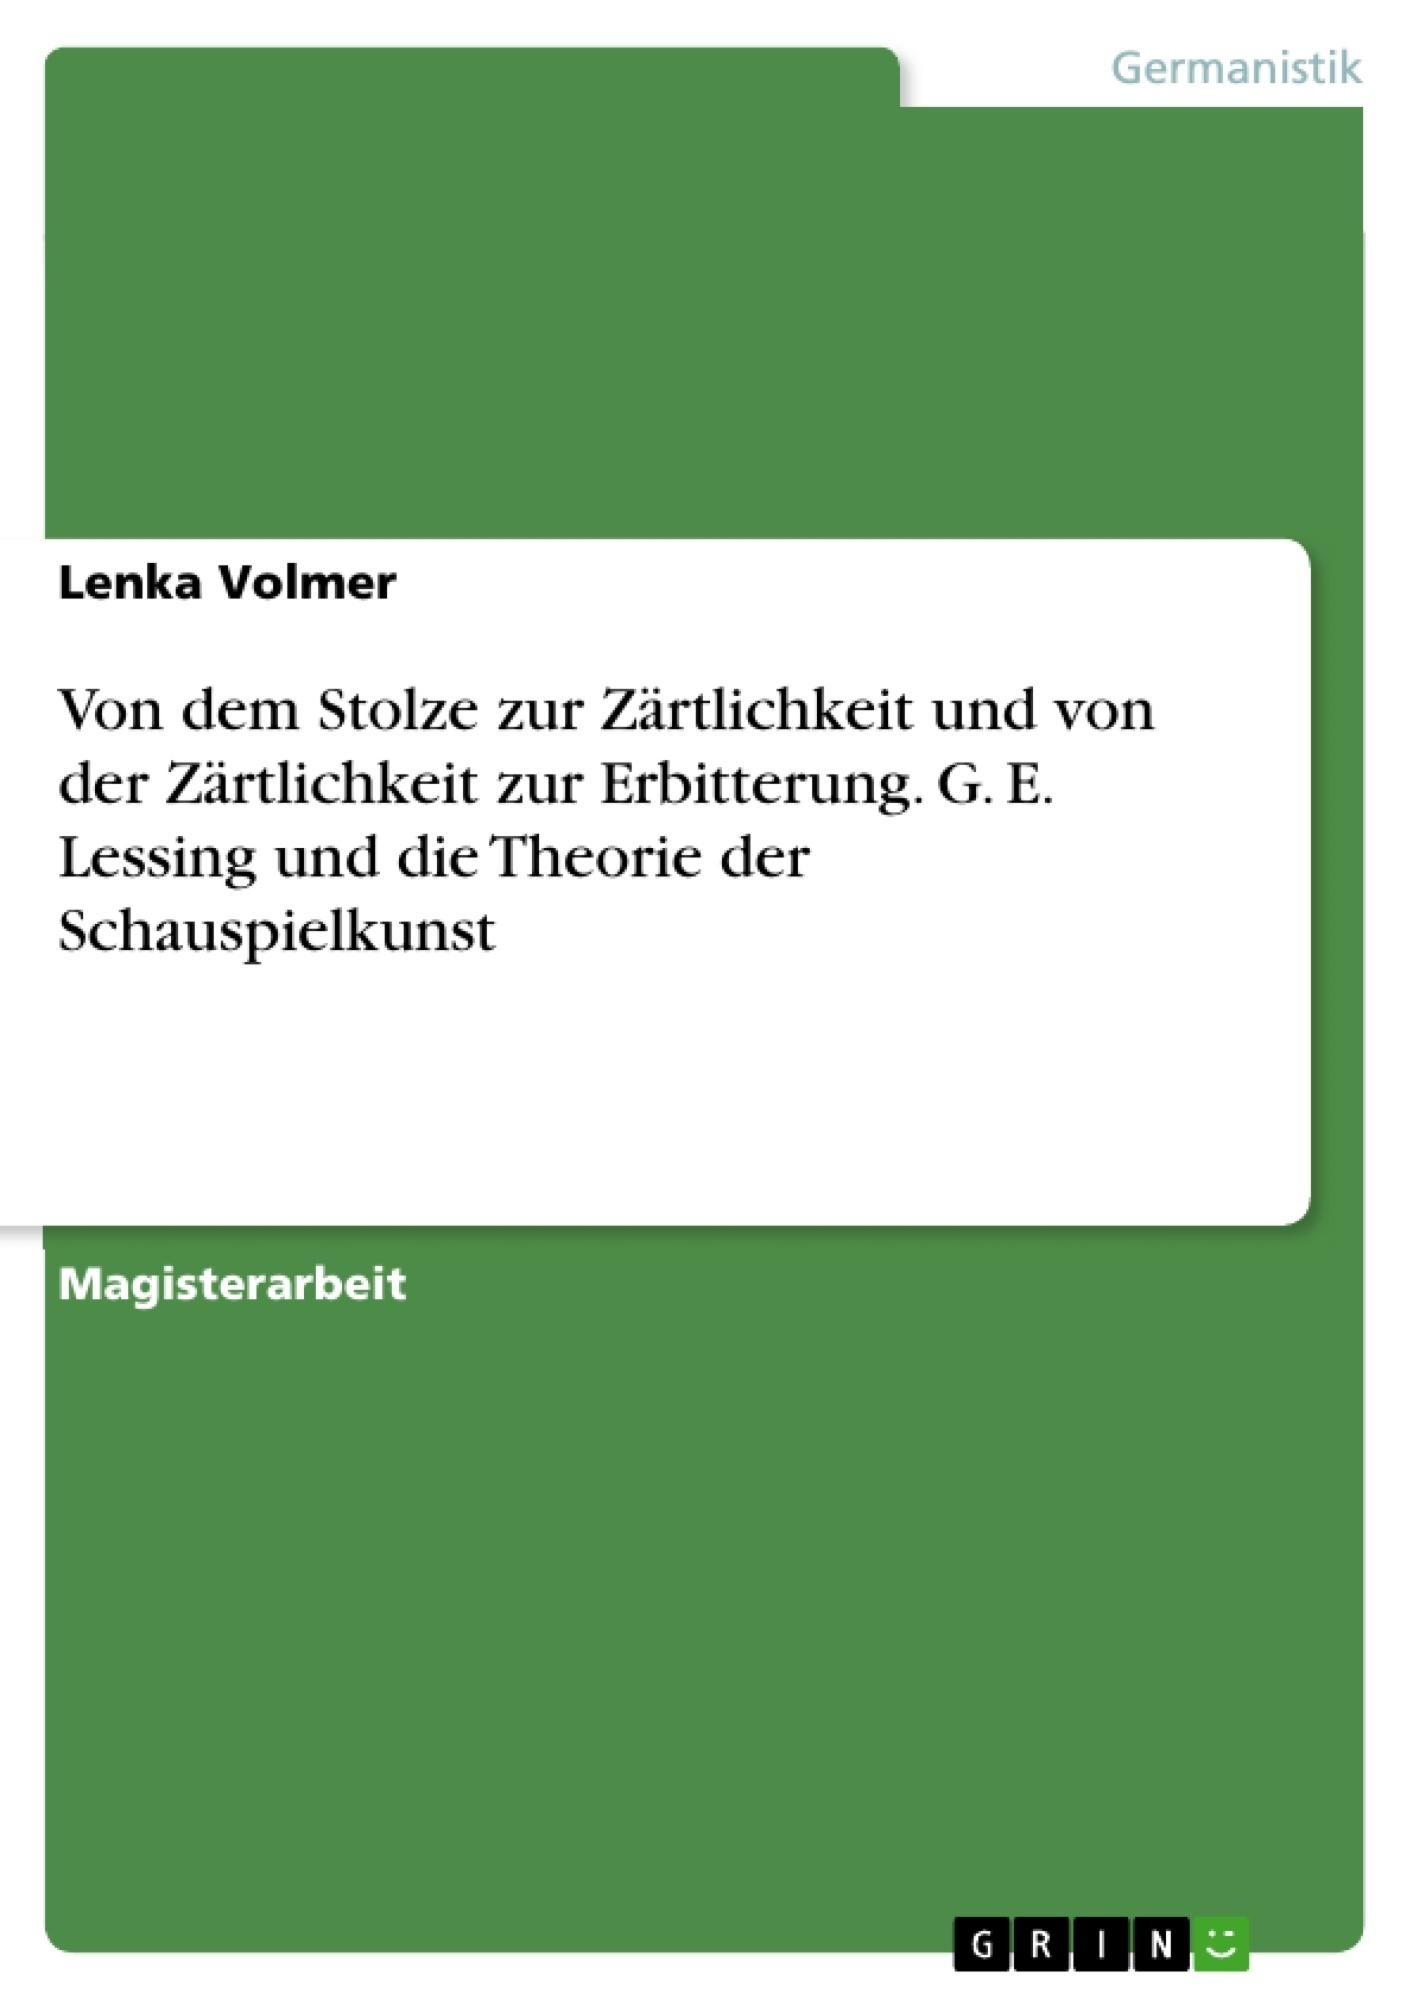 Titel: Von dem Stolze zur Zärtlichkeit und von der Zärtlichkeit zur Erbitterung. G. E. Lessing und die Theorie der Schauspielkunst